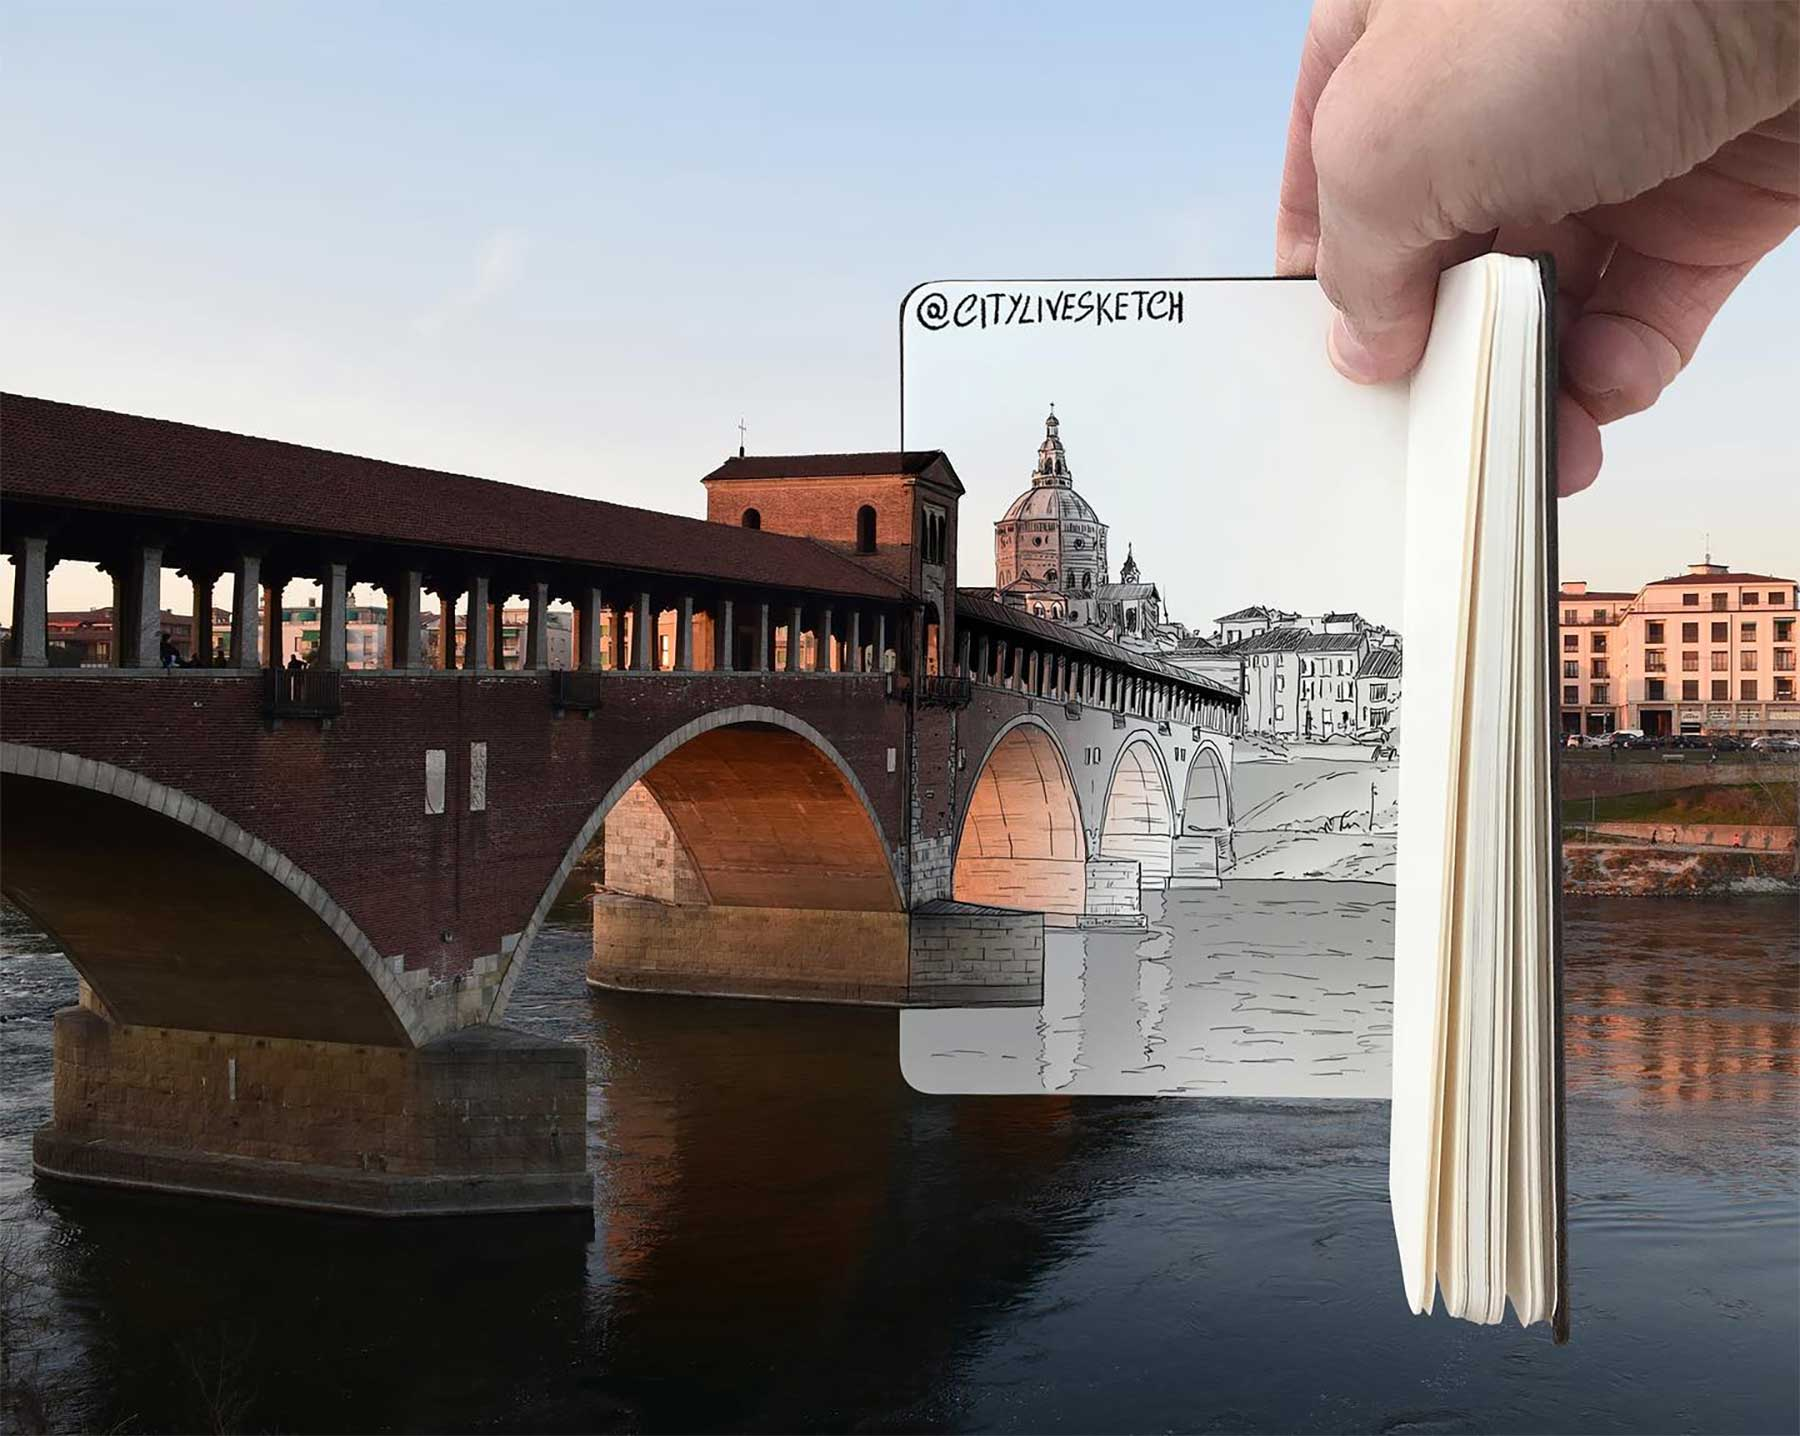 Pietro Cataudella lässt Zeichnungen mit der Realität verschmelzen CityLiveSketch-Pietro-Cataudella_01